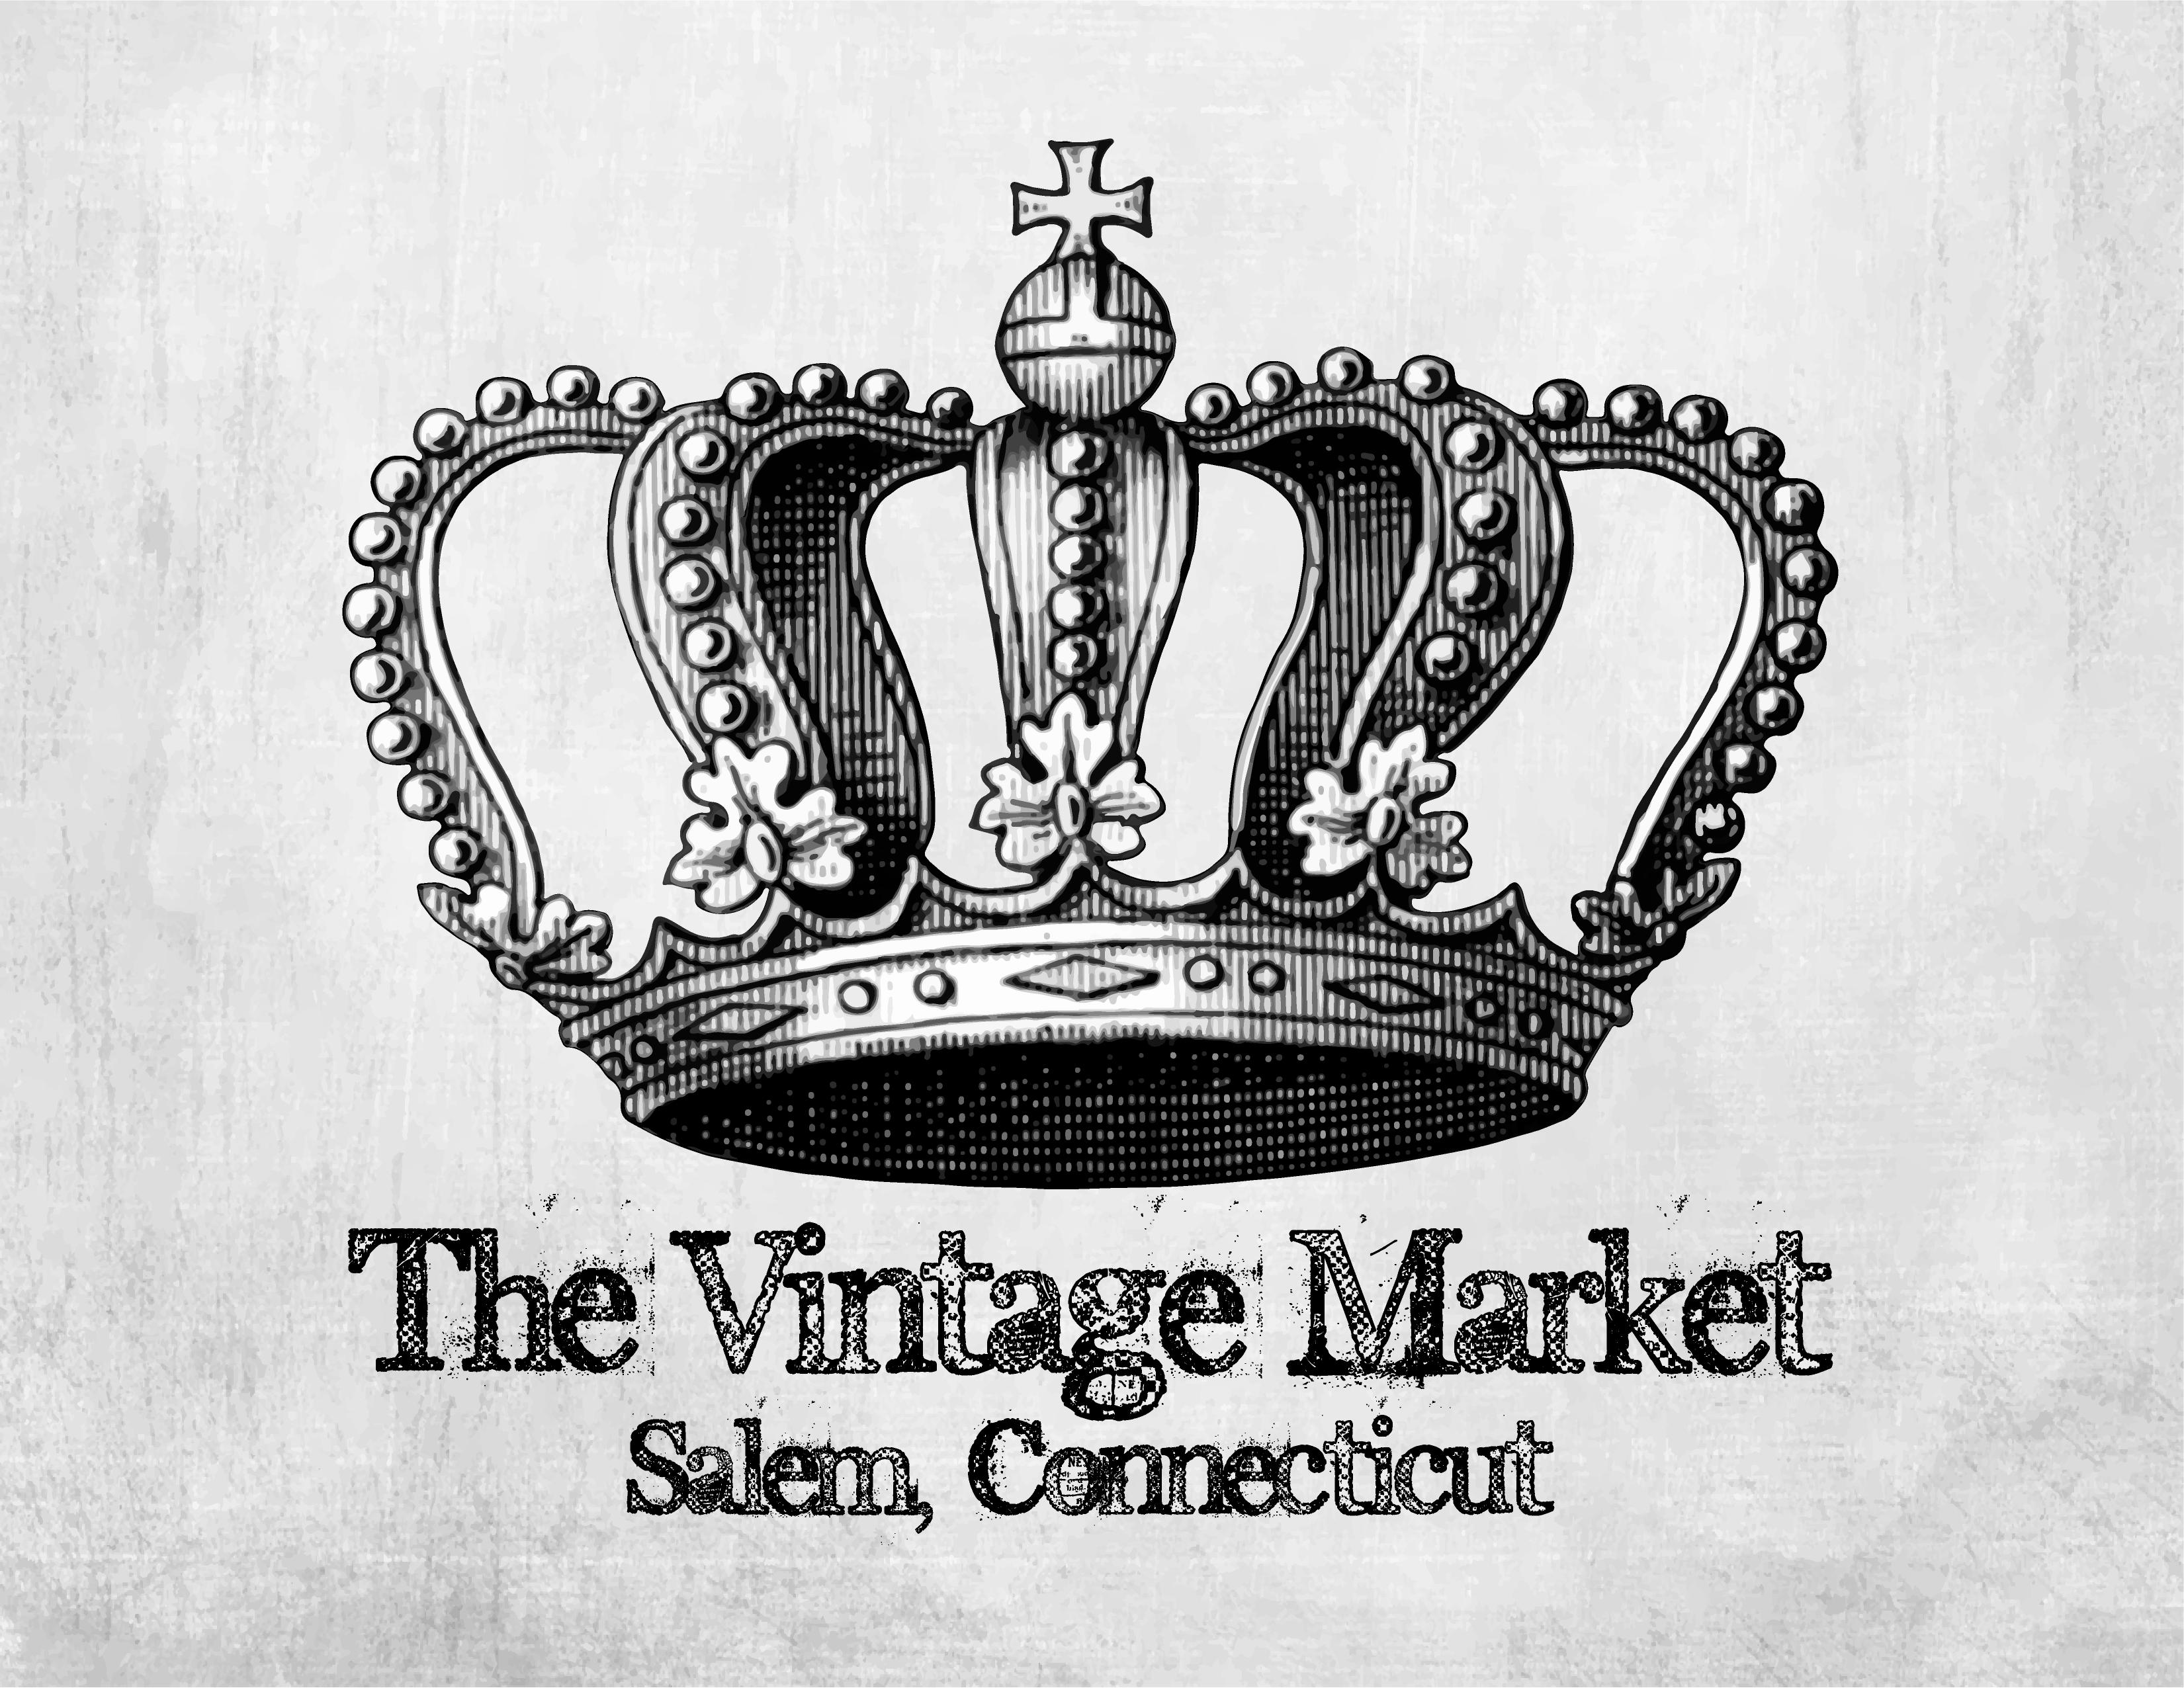 TheVintageMarket